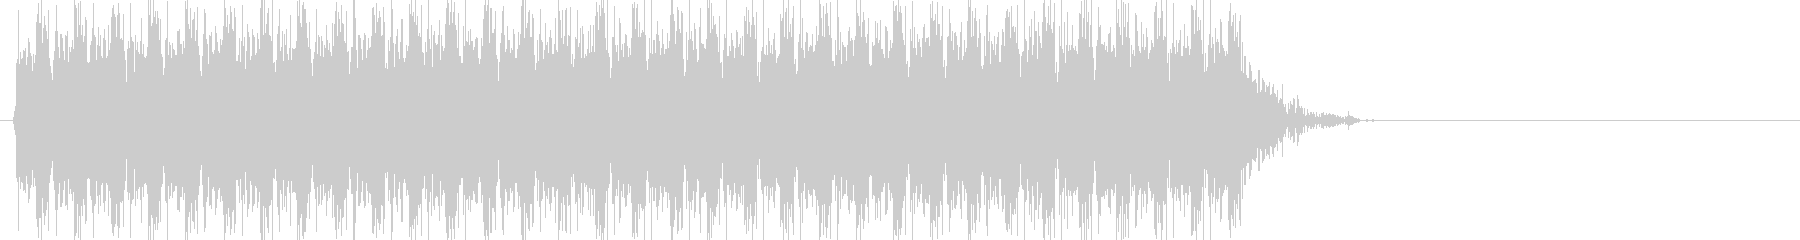 ドドドドドドドド(マシンガン、連射)の未再生の波形